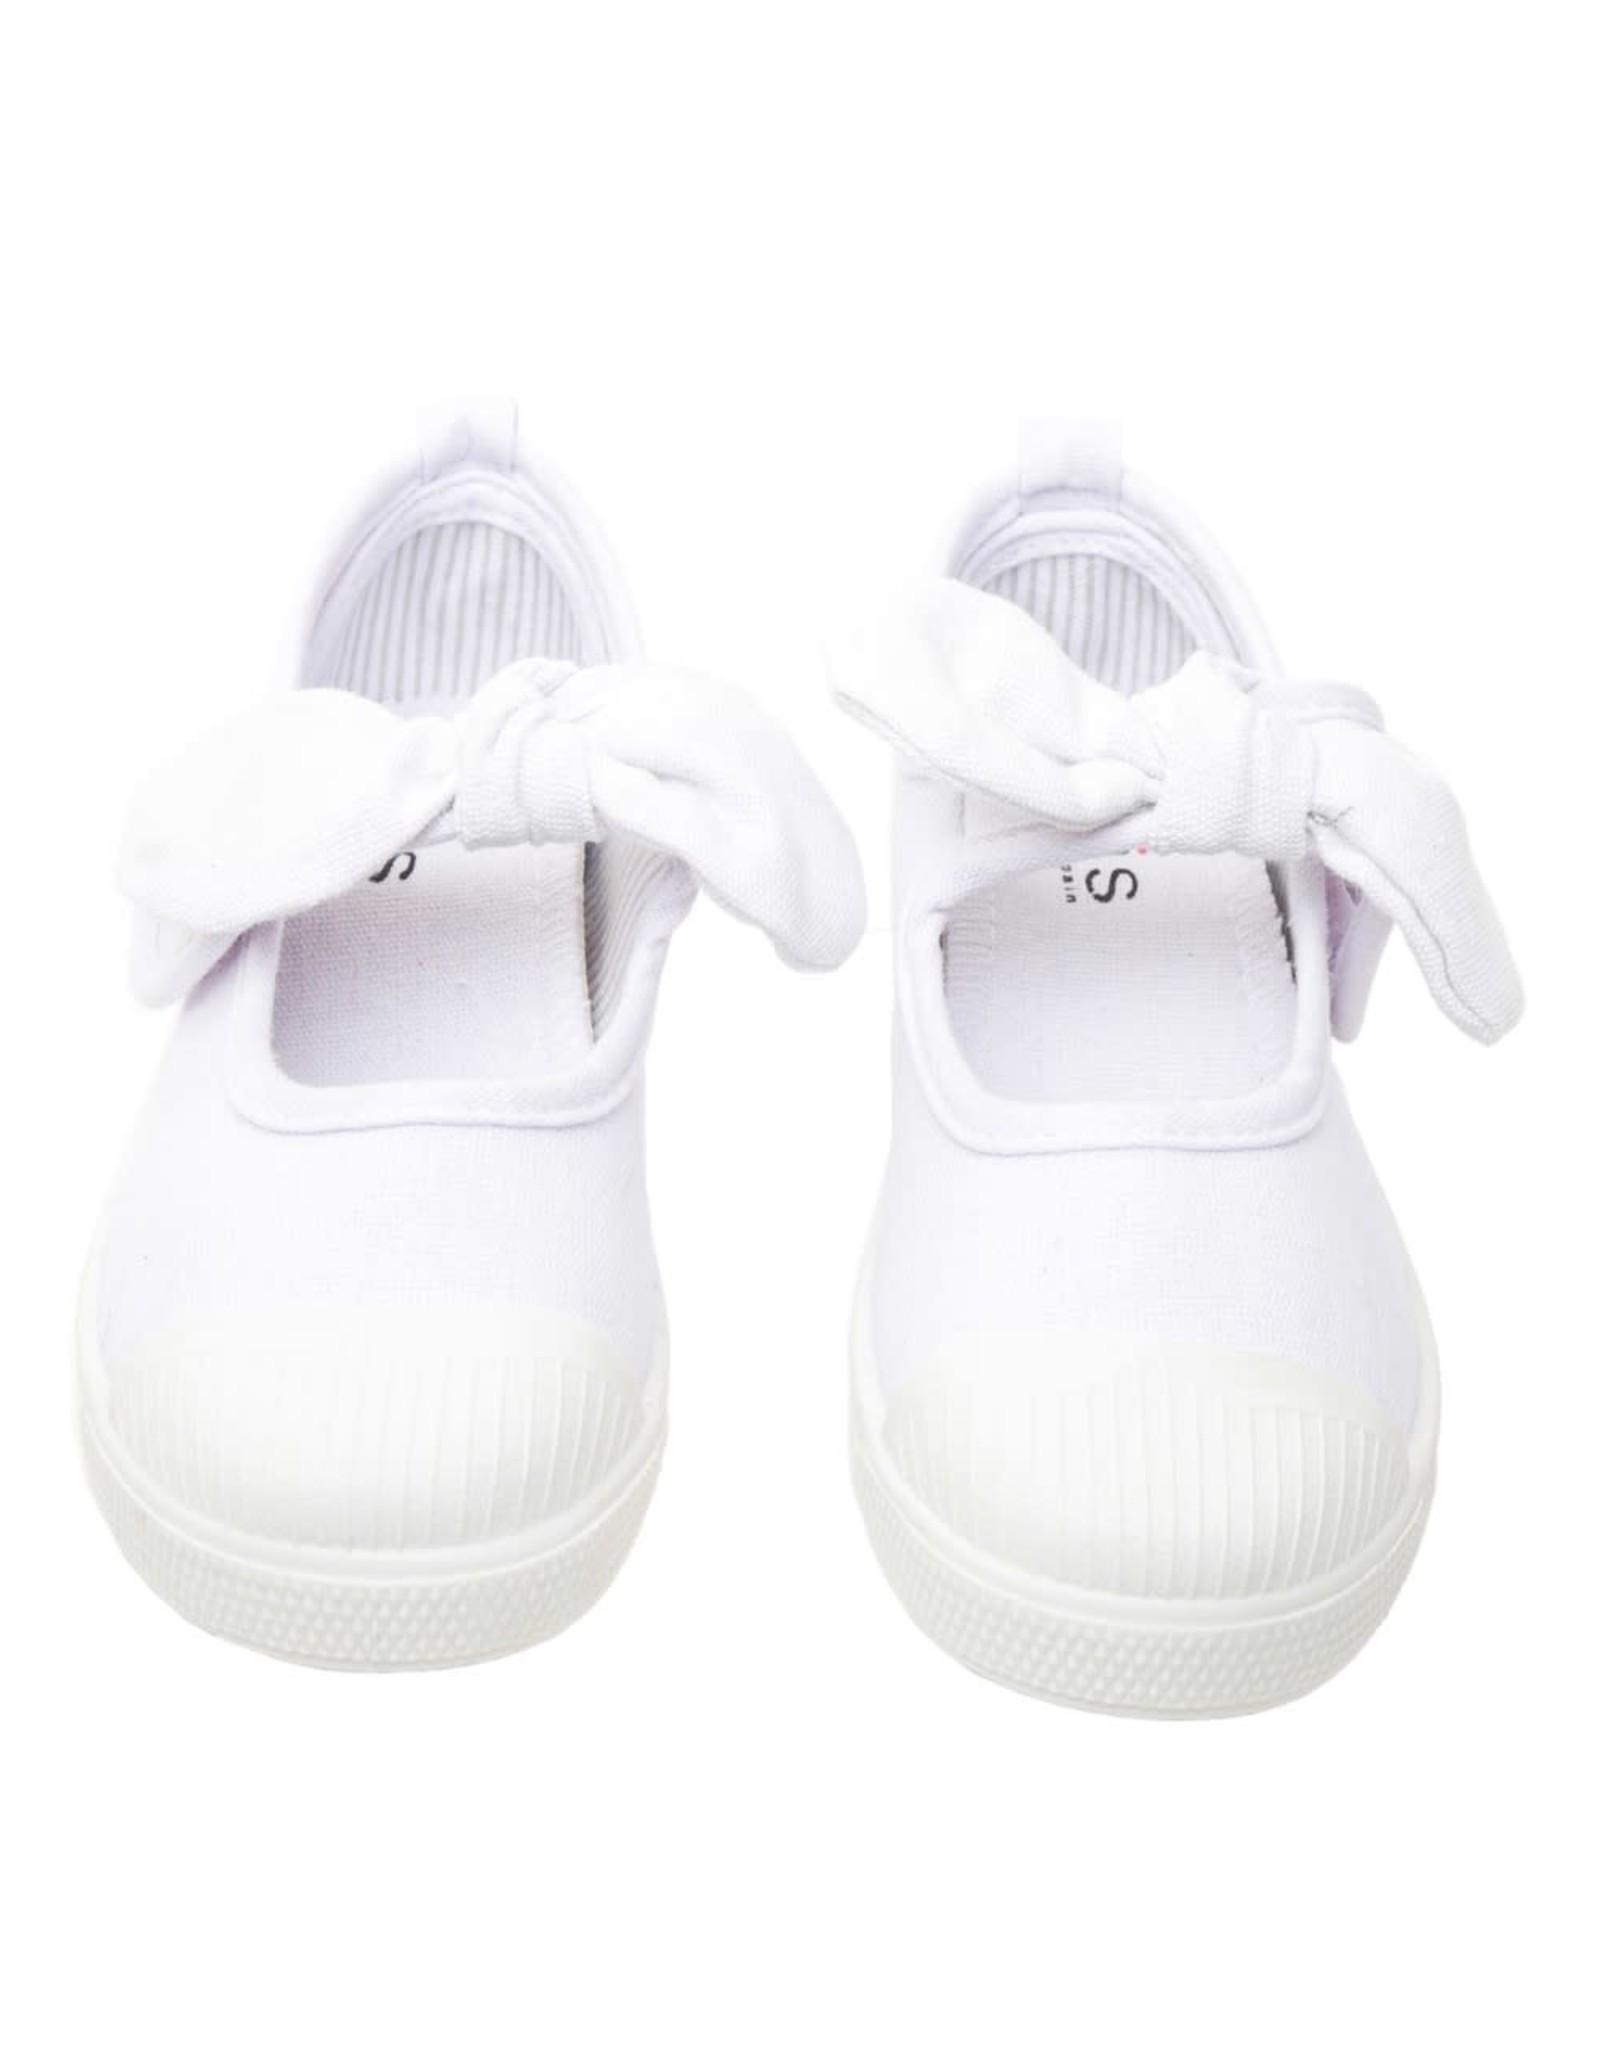 Chus Athena in White